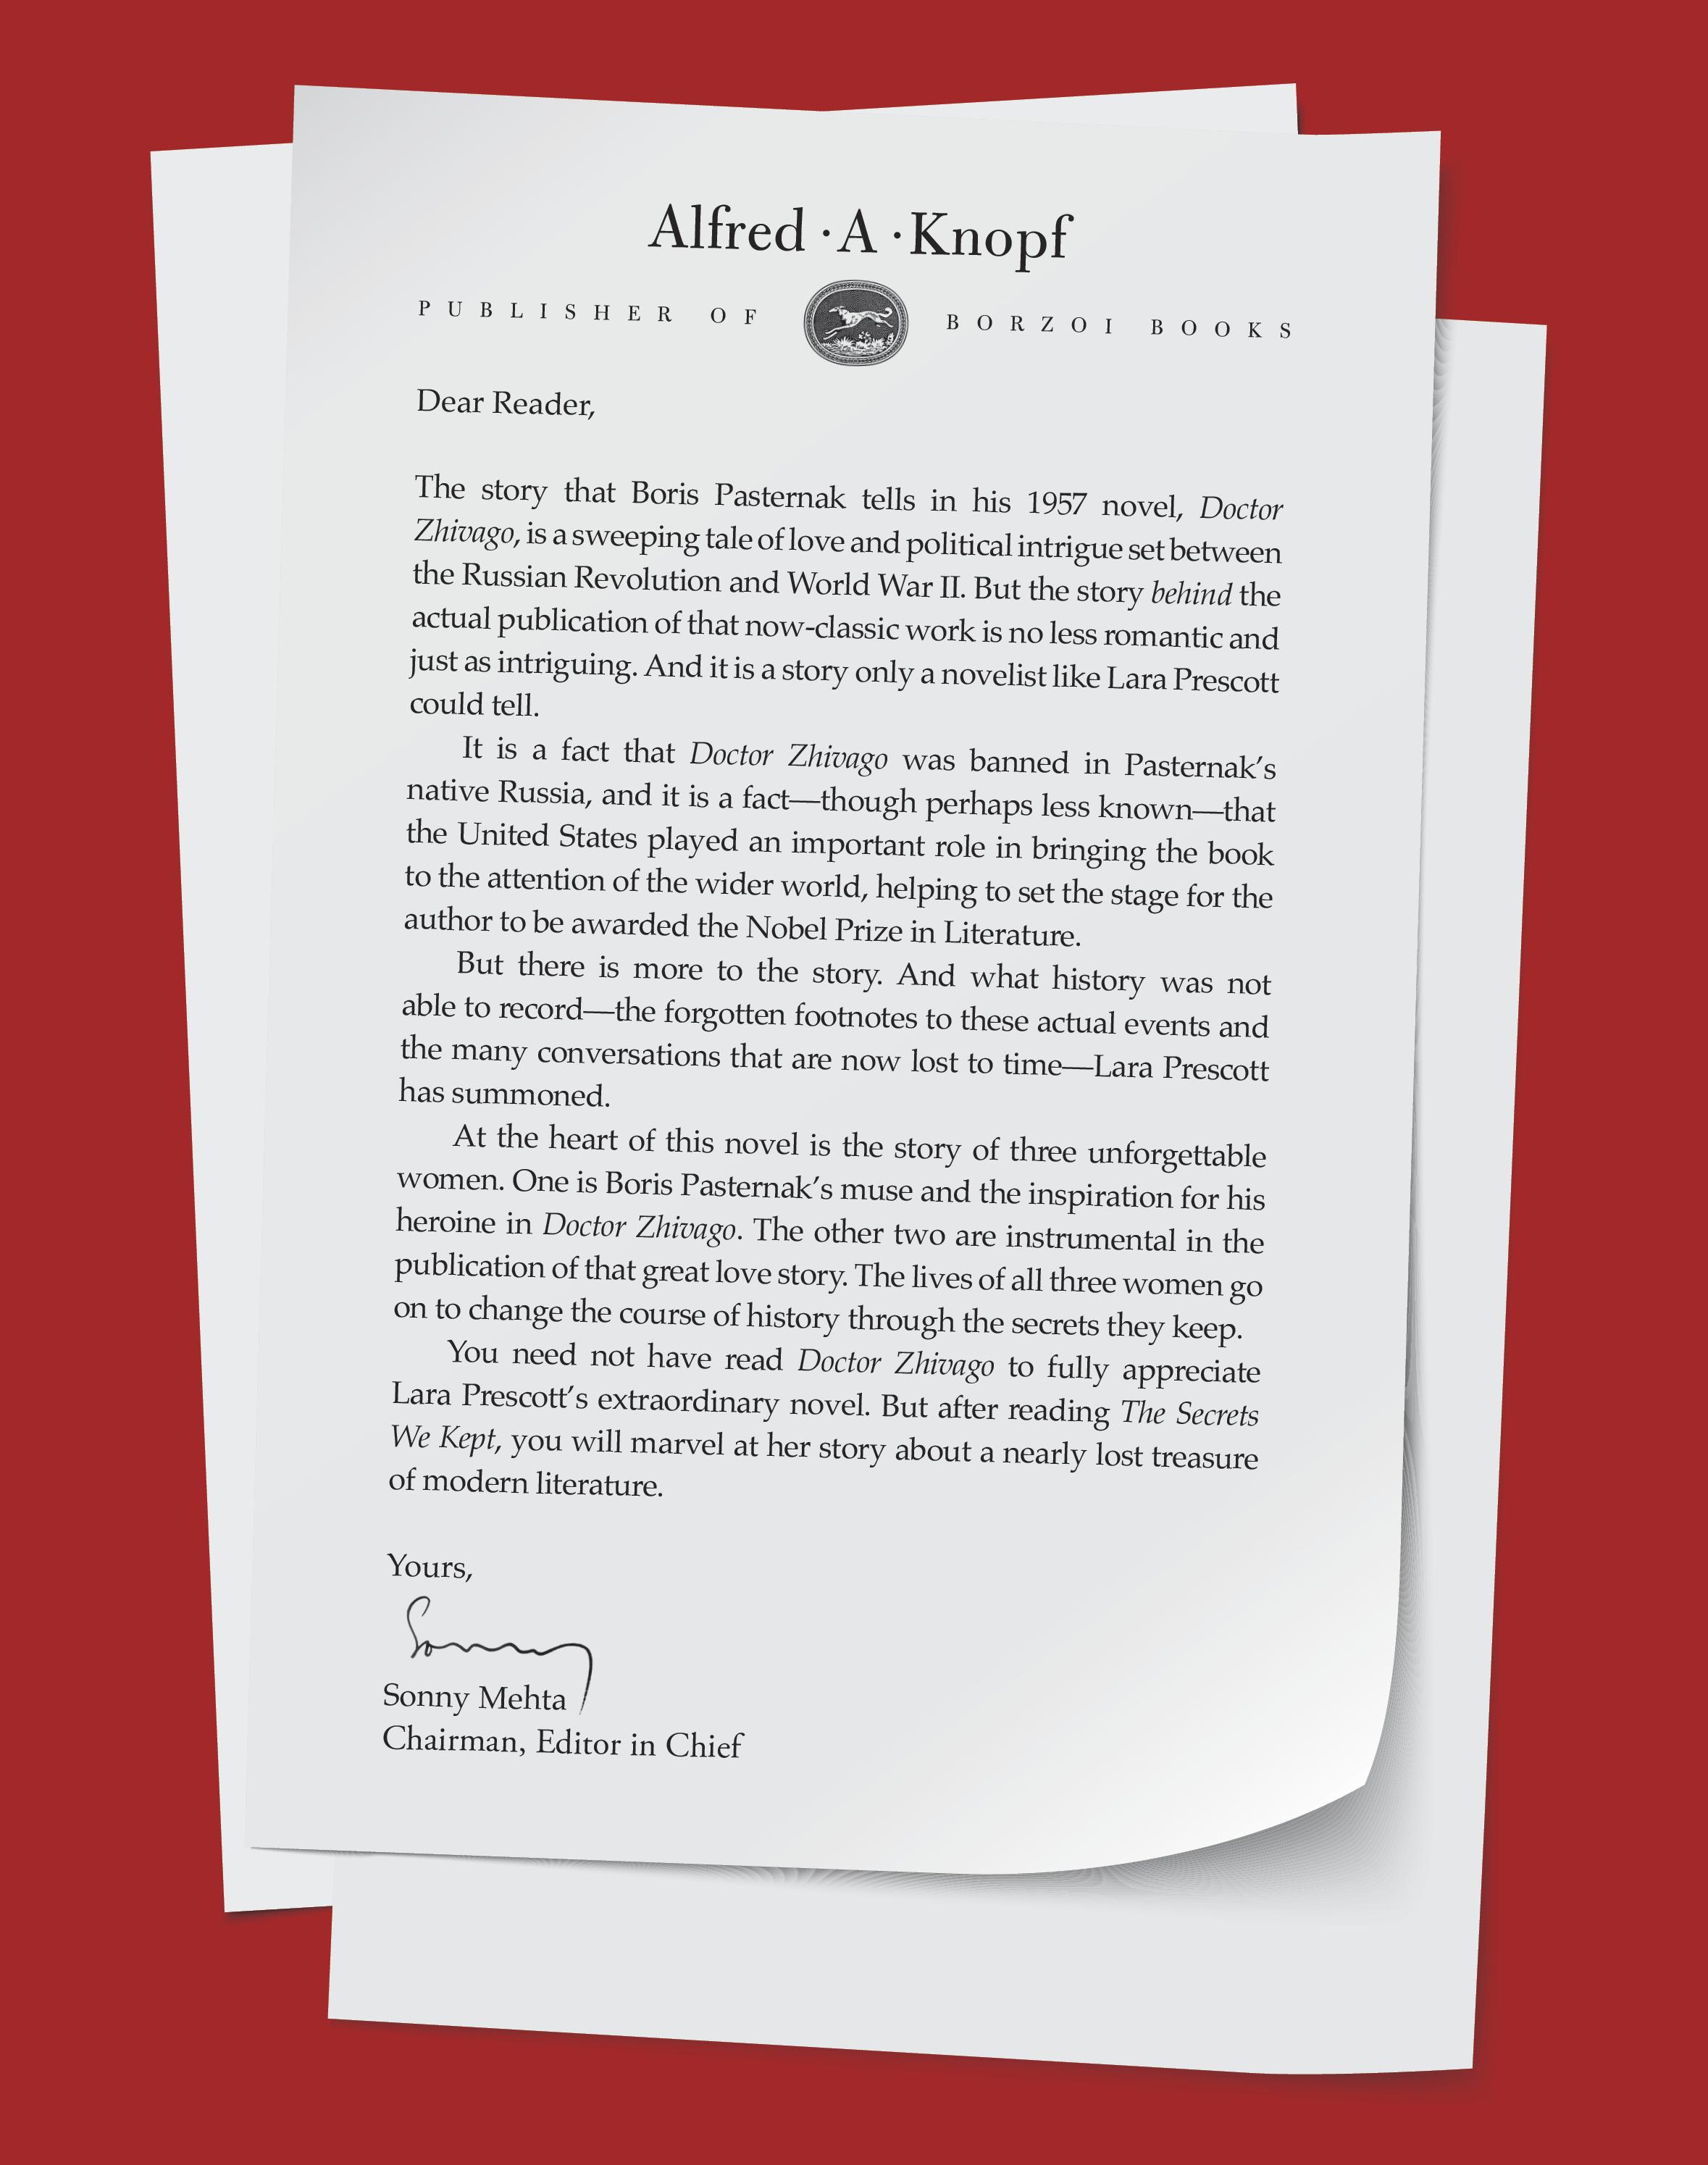 Sonny Mehta Letter.png